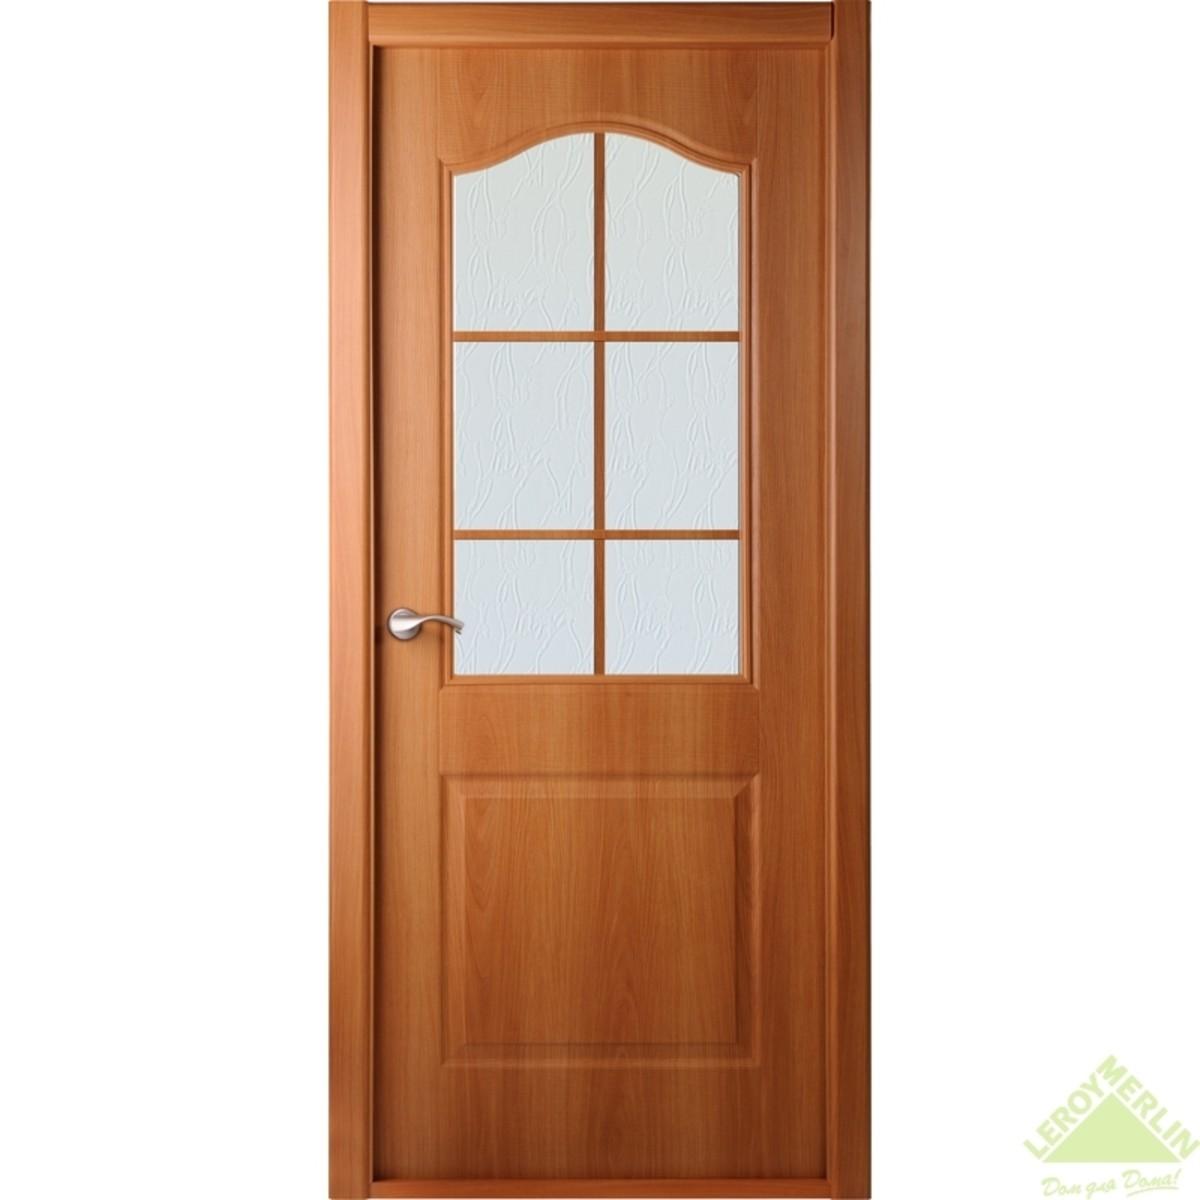 Дверь Межкомнатная Остеклённая Капричеза 800x2000 Миланский Орех